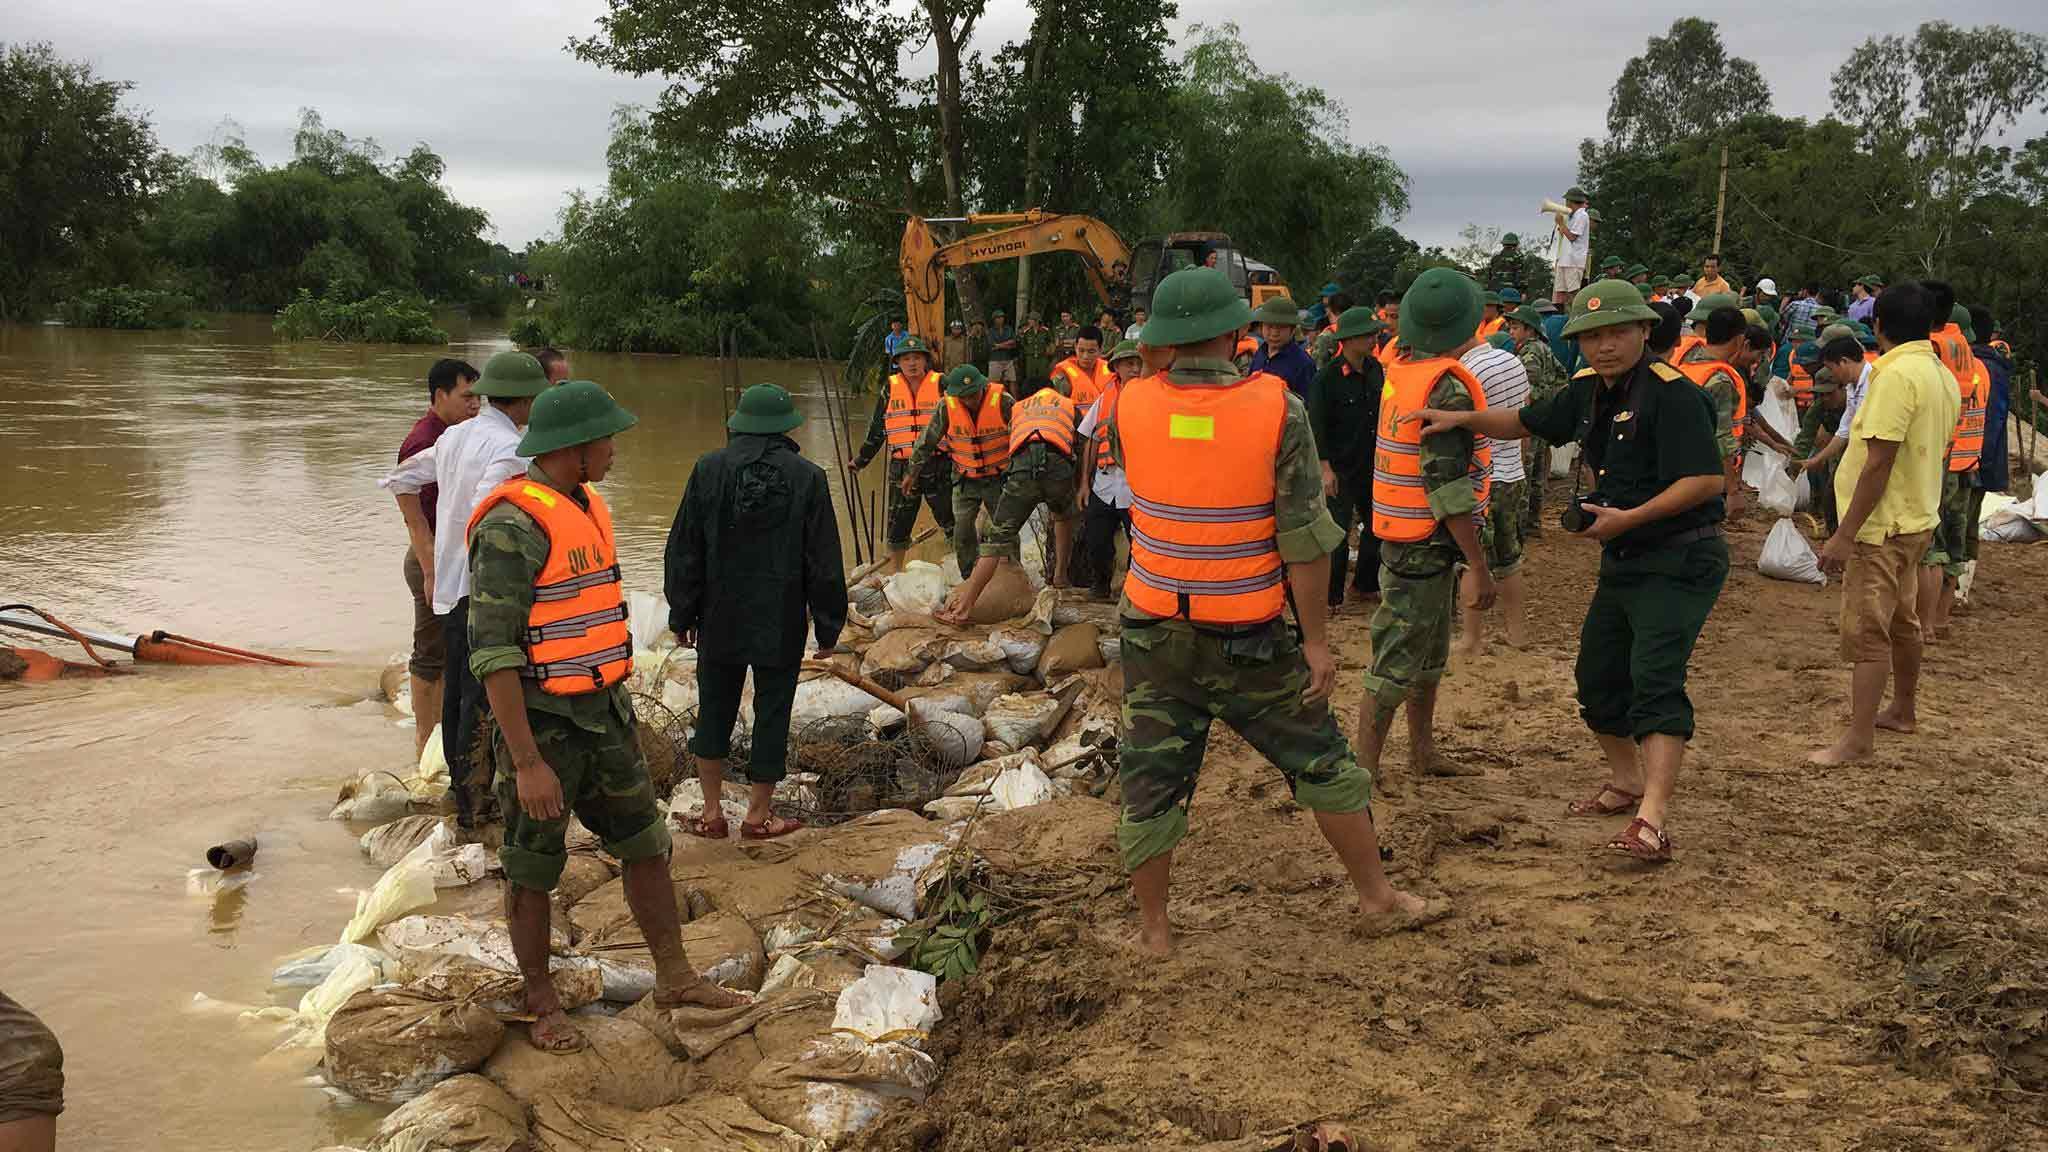 Lũ lụt ở Thanh Hóa, ngập lụt ở Thanh Hóa, mưa lũ, vỡ đê, cứu đê,